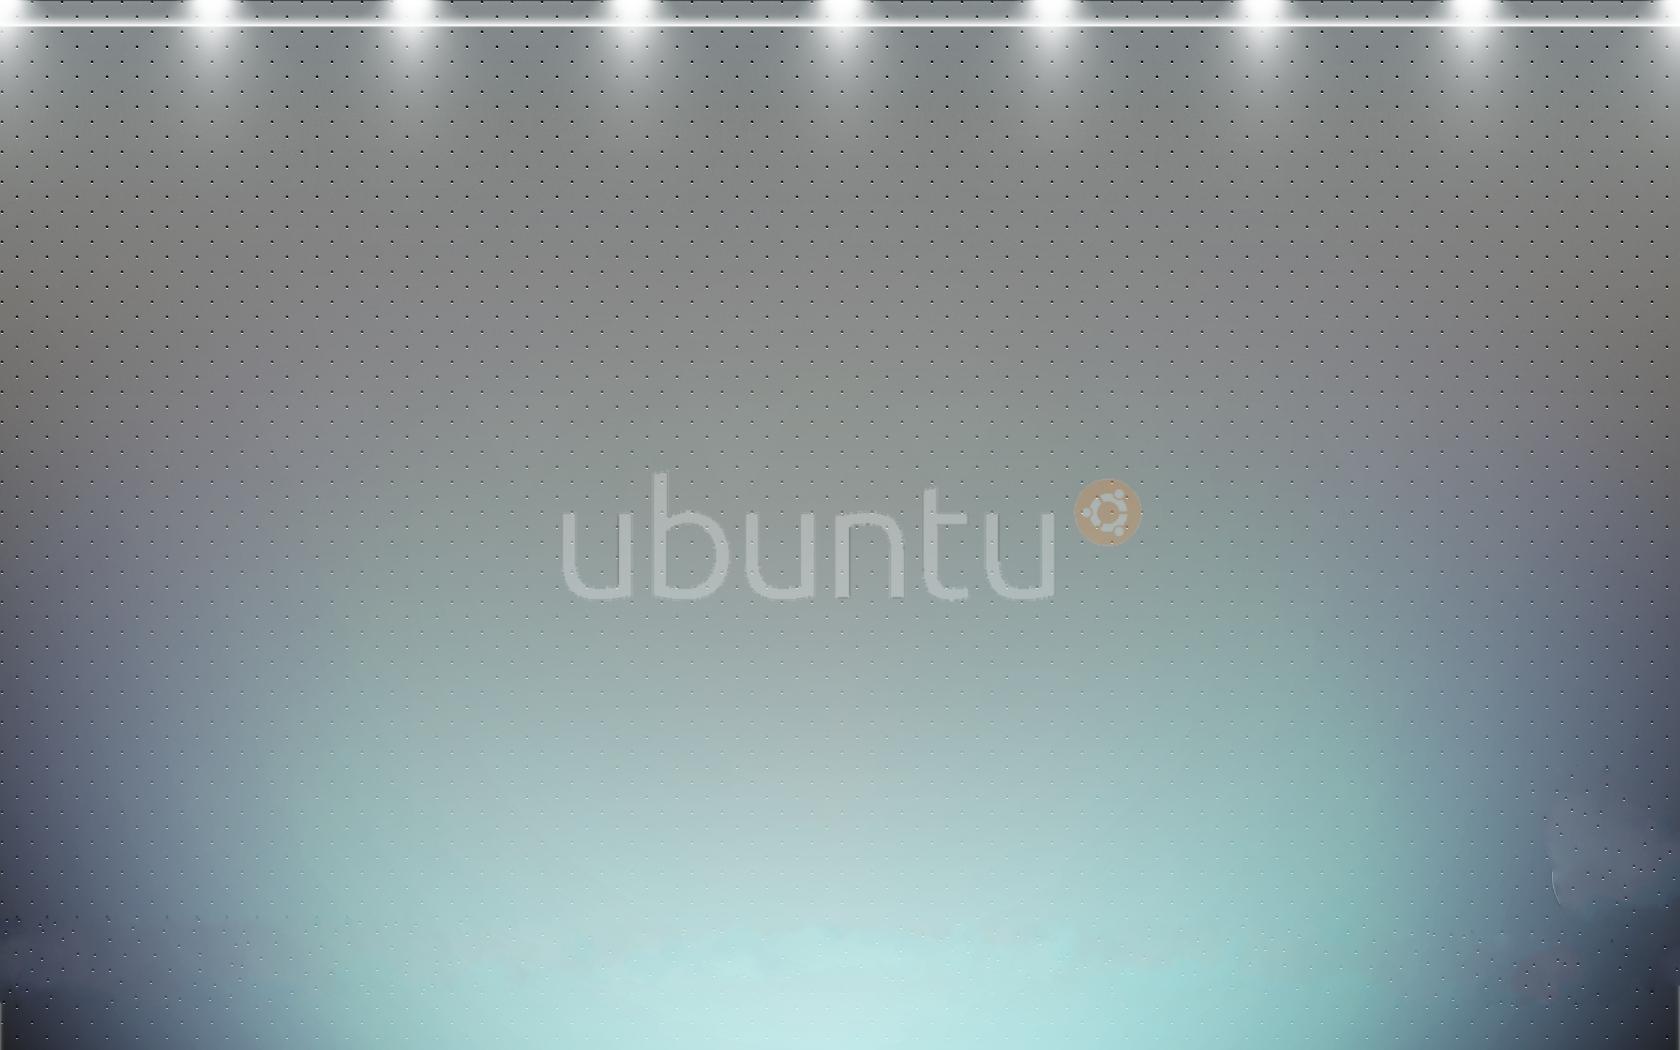 Ubuntu 10.04 Light Wallpaper by janderson3m